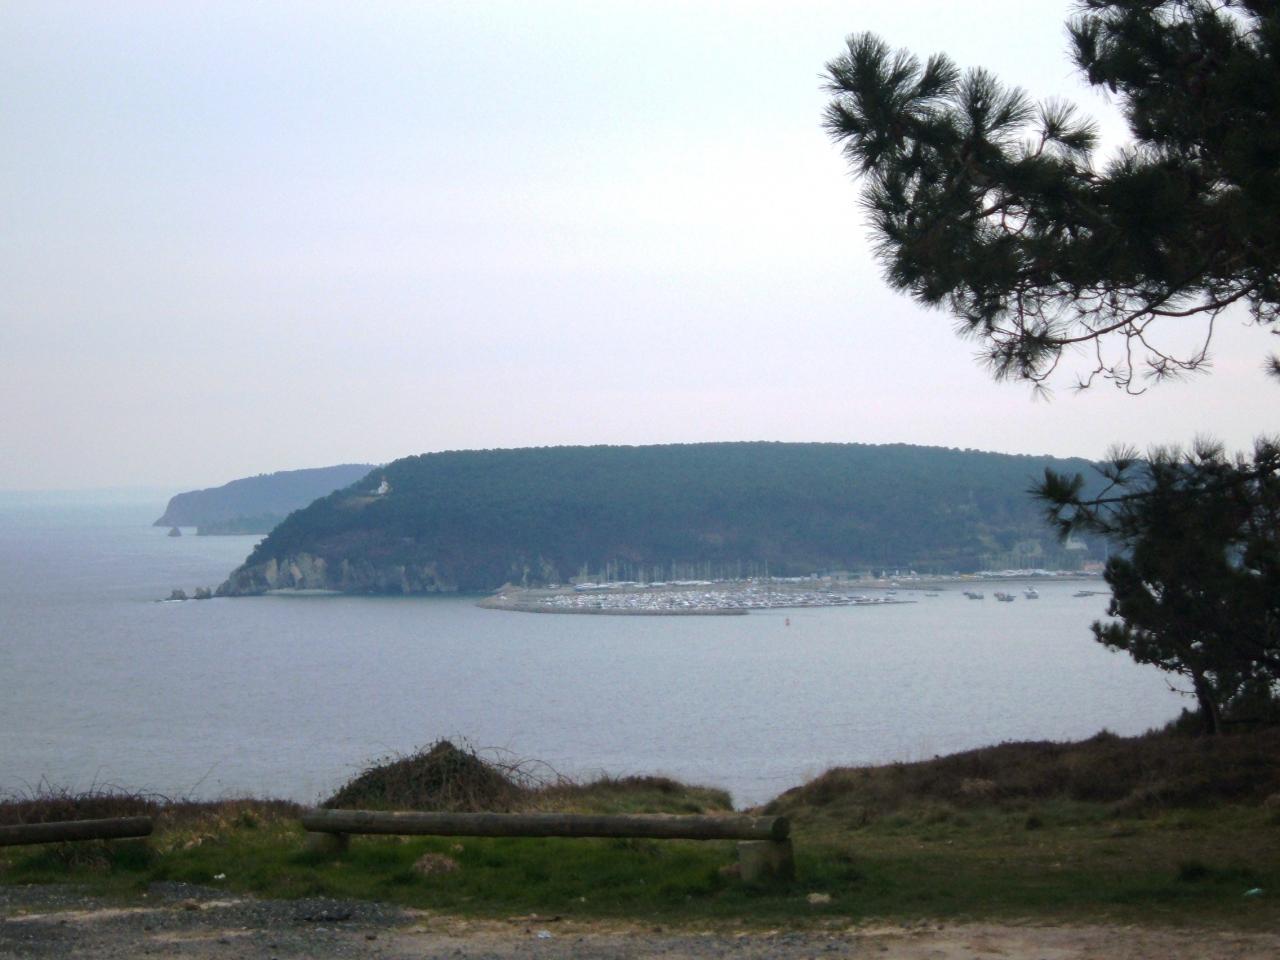 Morgat-la pointe du kador et le port de plaisance